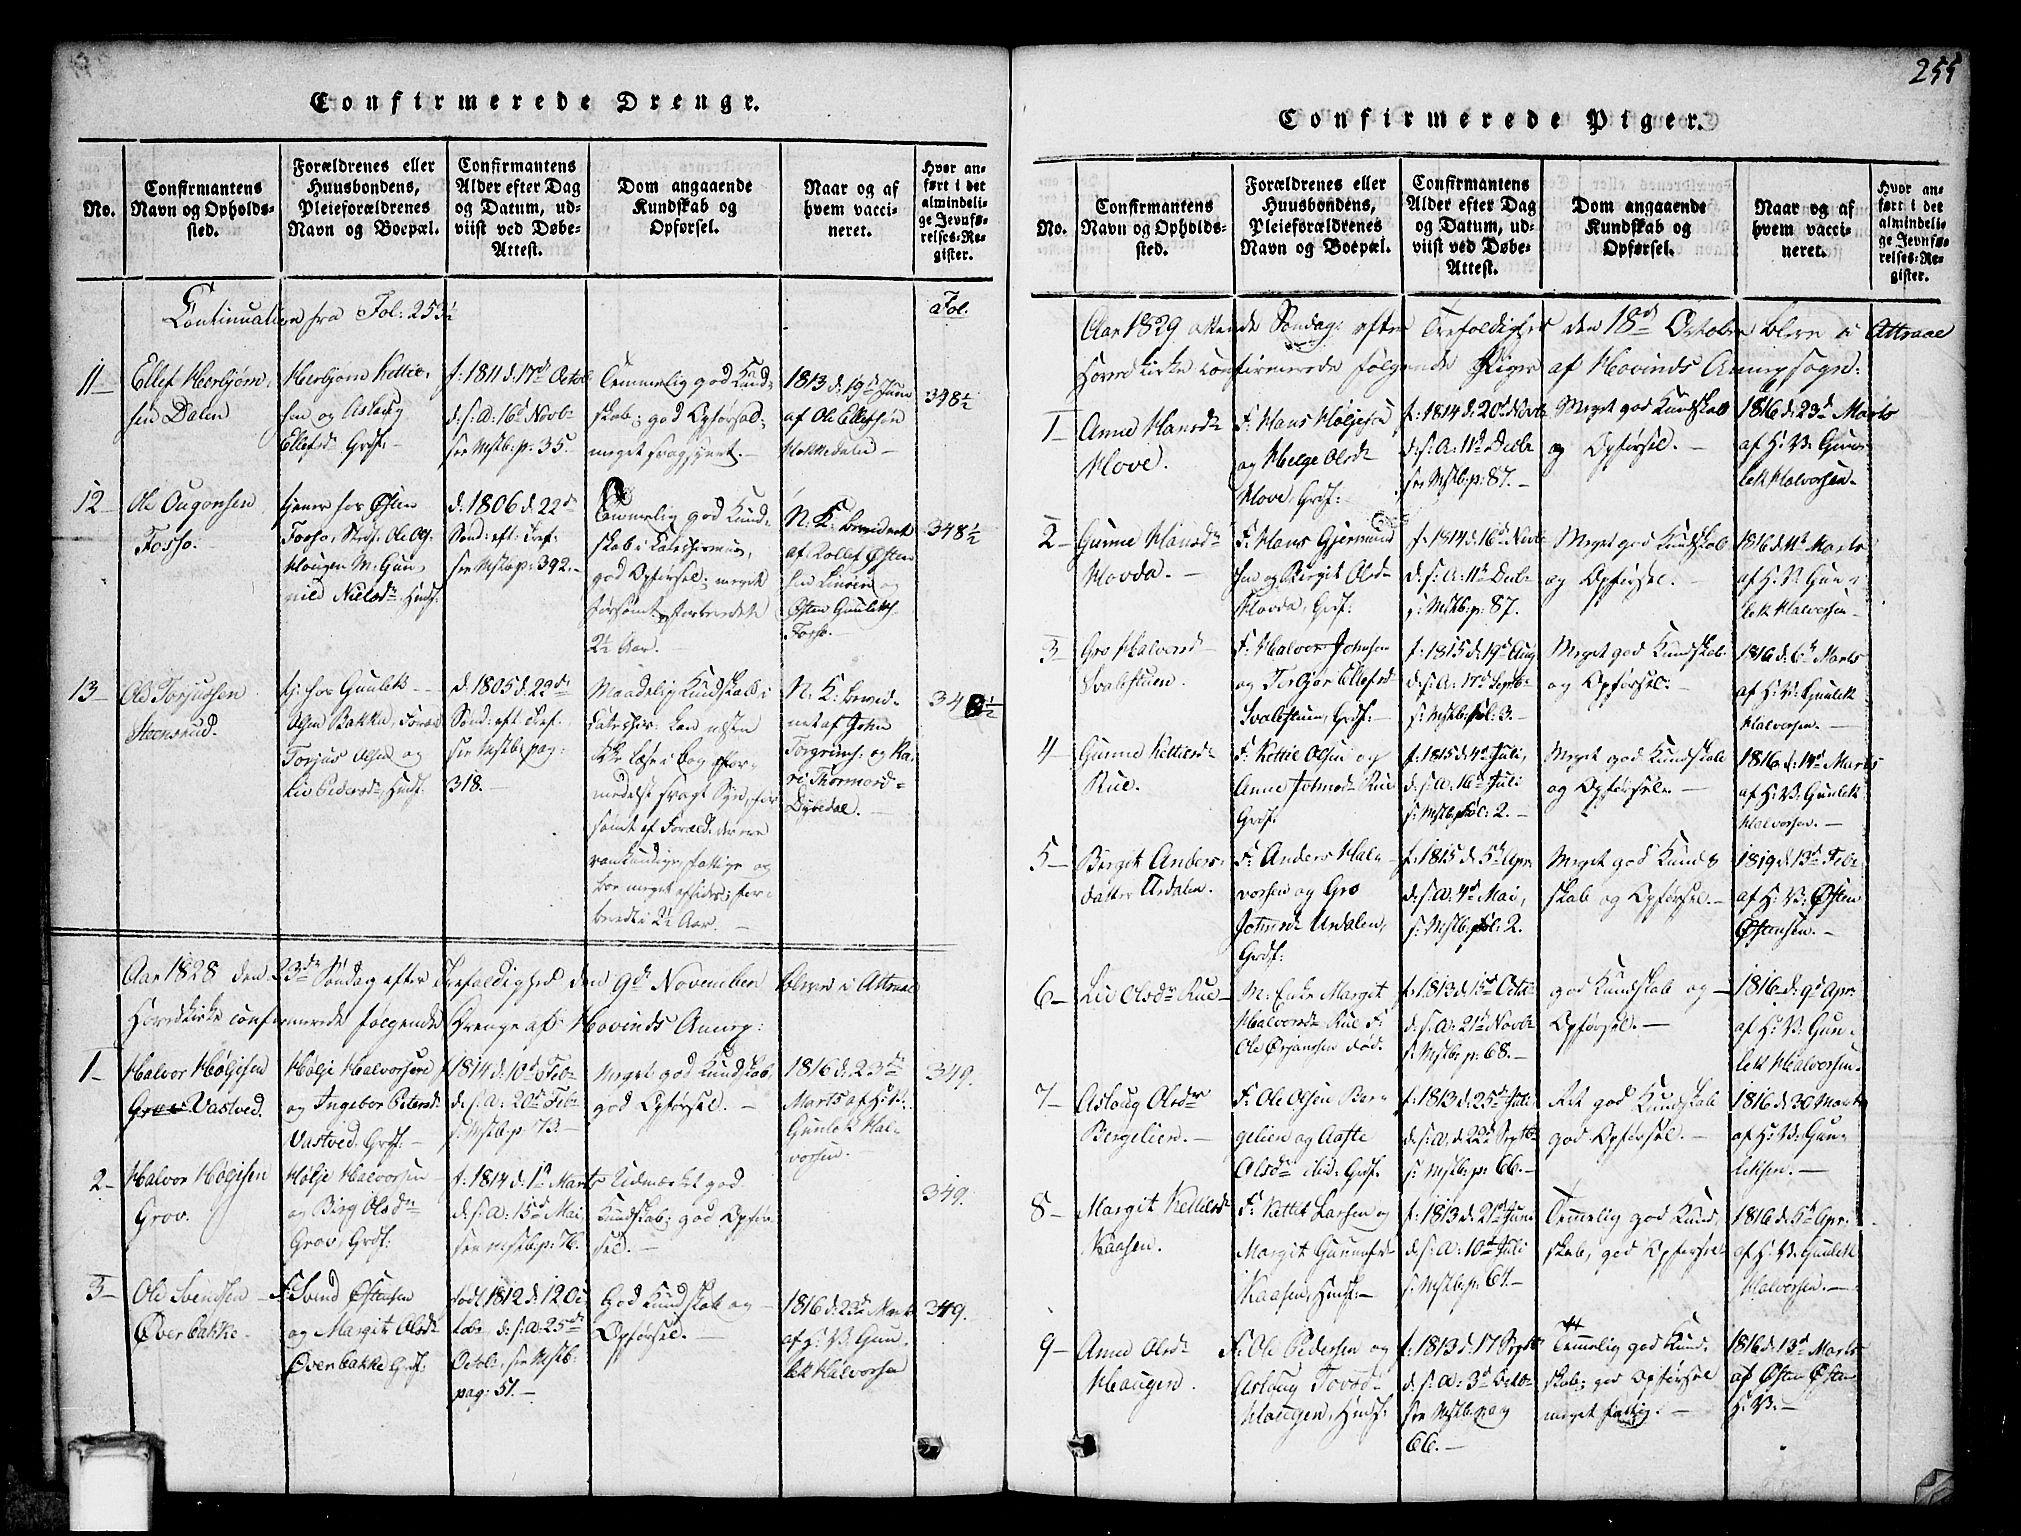 SAKO, Gransherad kirkebøker, G/Gb/L0001: Klokkerbok nr. II 1, 1815-1860, s. 255